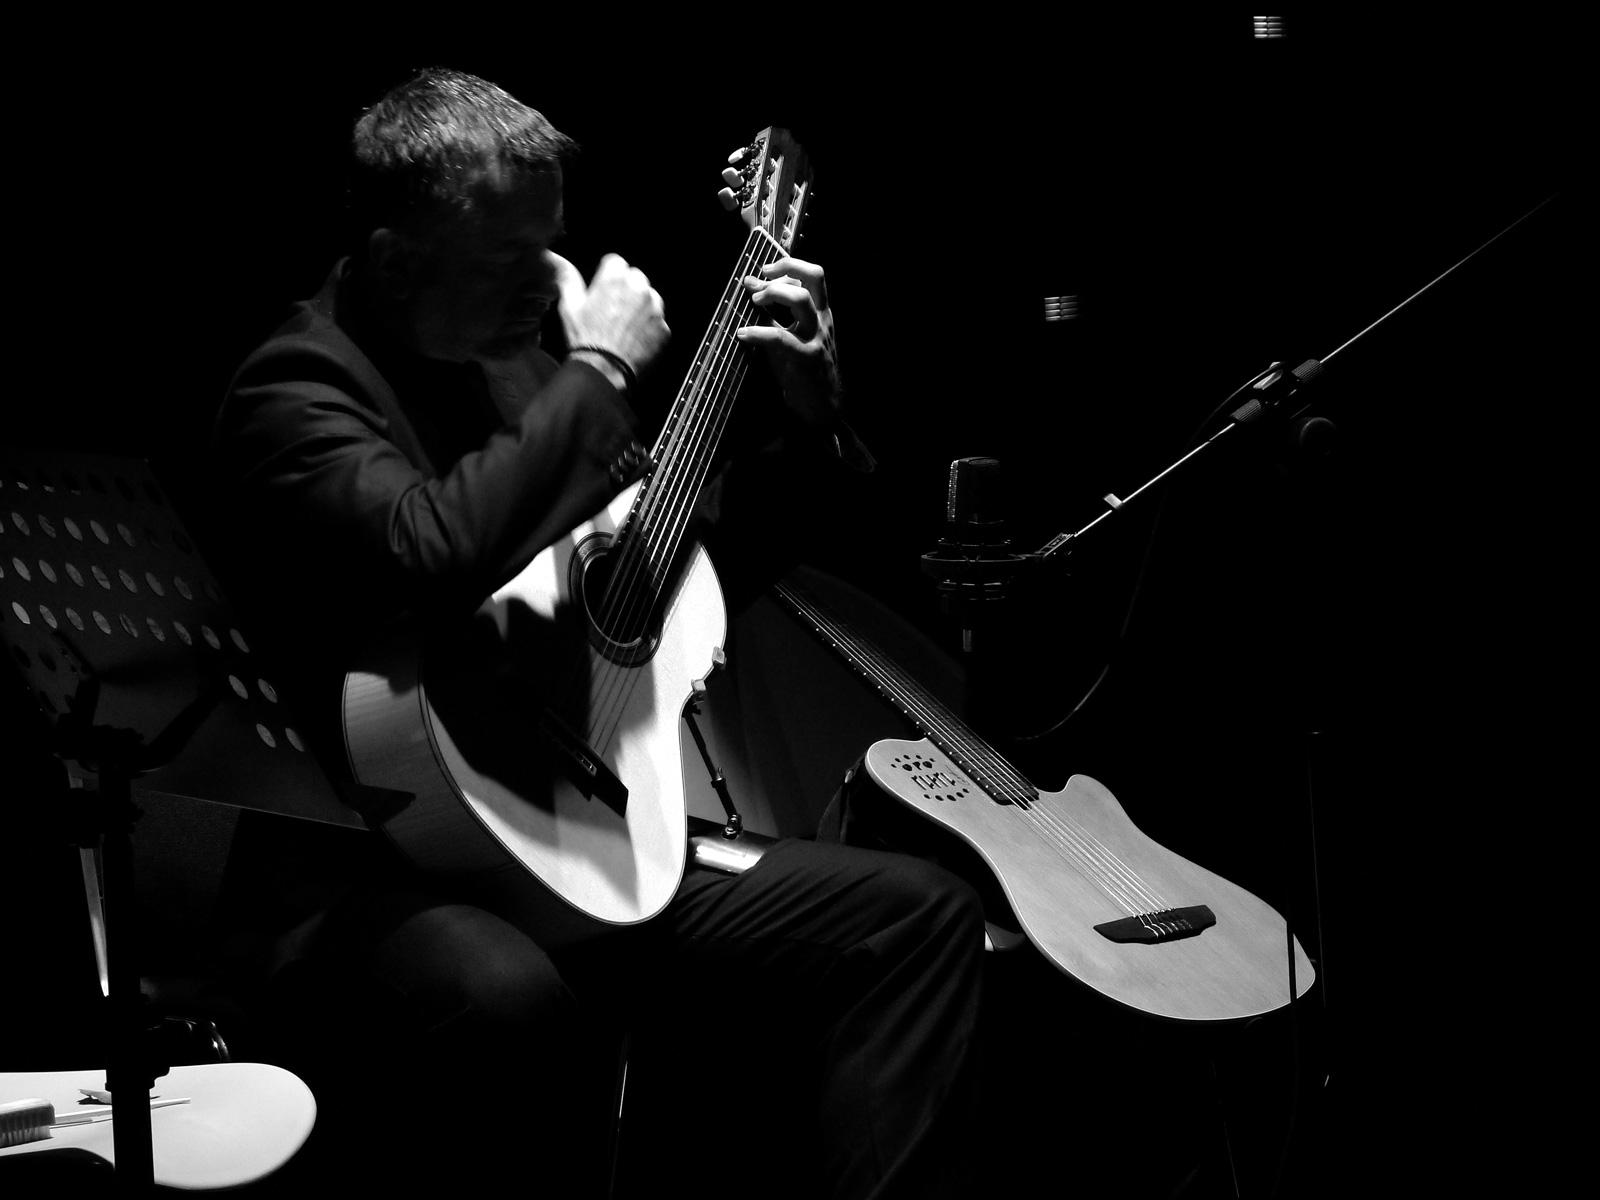 Arturo Tallini con 2 chitarre